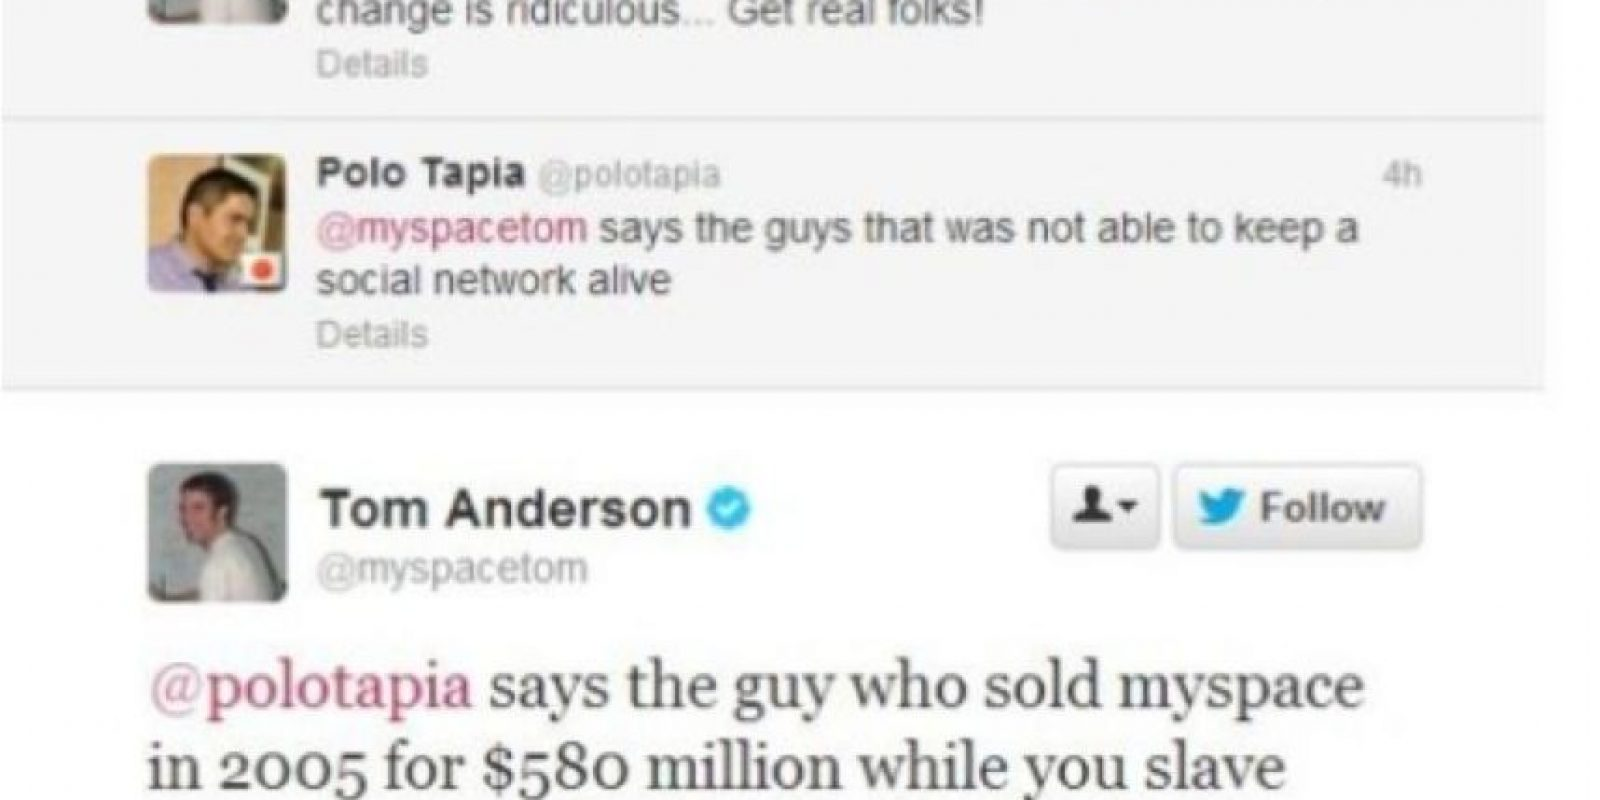 """El creador de MySpace, Tom Anderson, habla sobre Instagram. Alguien le dice: """"Sí, habla el tipo que no pudo mantener viva una red social"""". Este responde: """"Lo dice el tipo que vendió MySpace por 580 millones de dólares mientras tú te esclavizas esperando por un día libre"""" Foto:Twitter"""